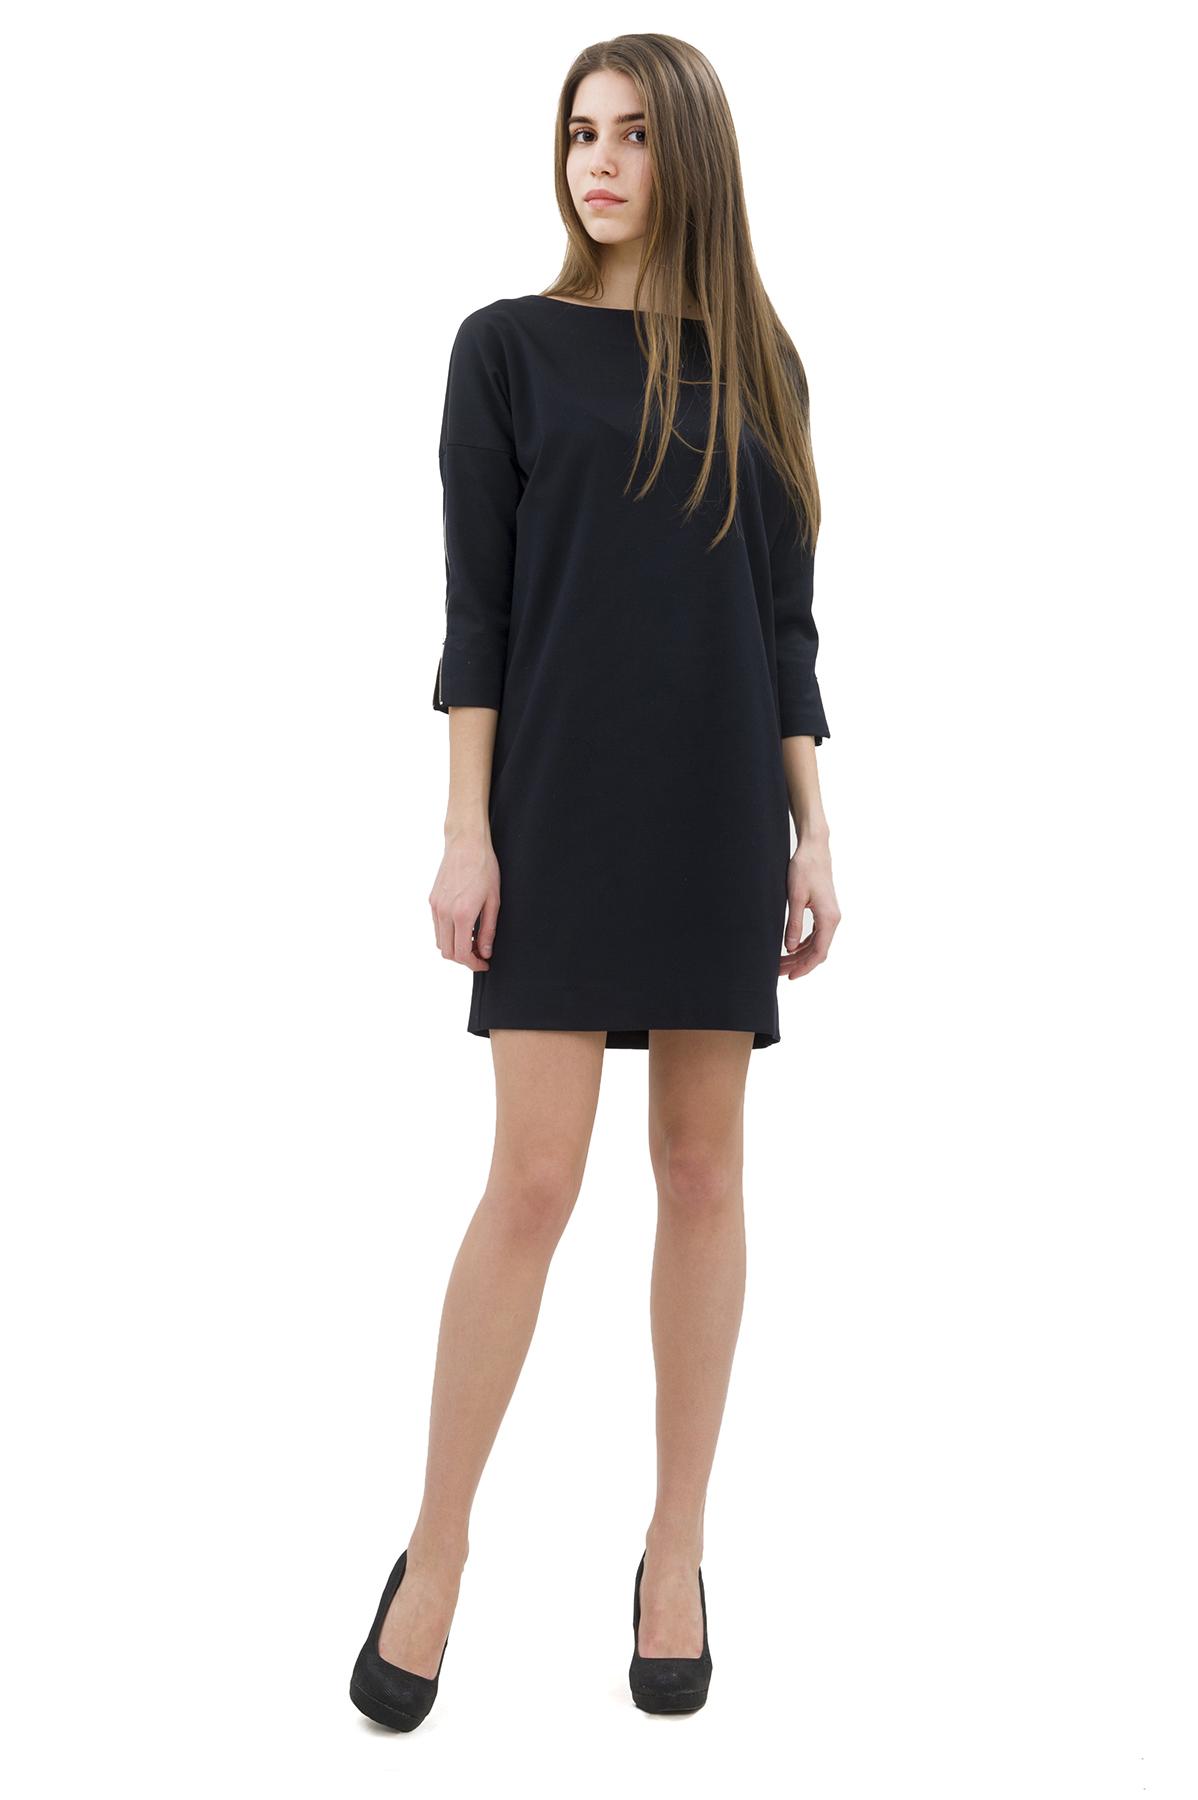 ПлатьеПлатья,  сарафаны<br>Привлекательное платье, выполненное из комфортного материала.  Изделие соблазнительной длины подчеркнет стройность и красоту Ваших ног. <br><br>Цвет: черный<br>Состав: 64% полиэстер; 32% вискоза; 4% эластан<br>Размер: 52,56<br>Страна дизайна: Россия<br>Страна производства: Россия